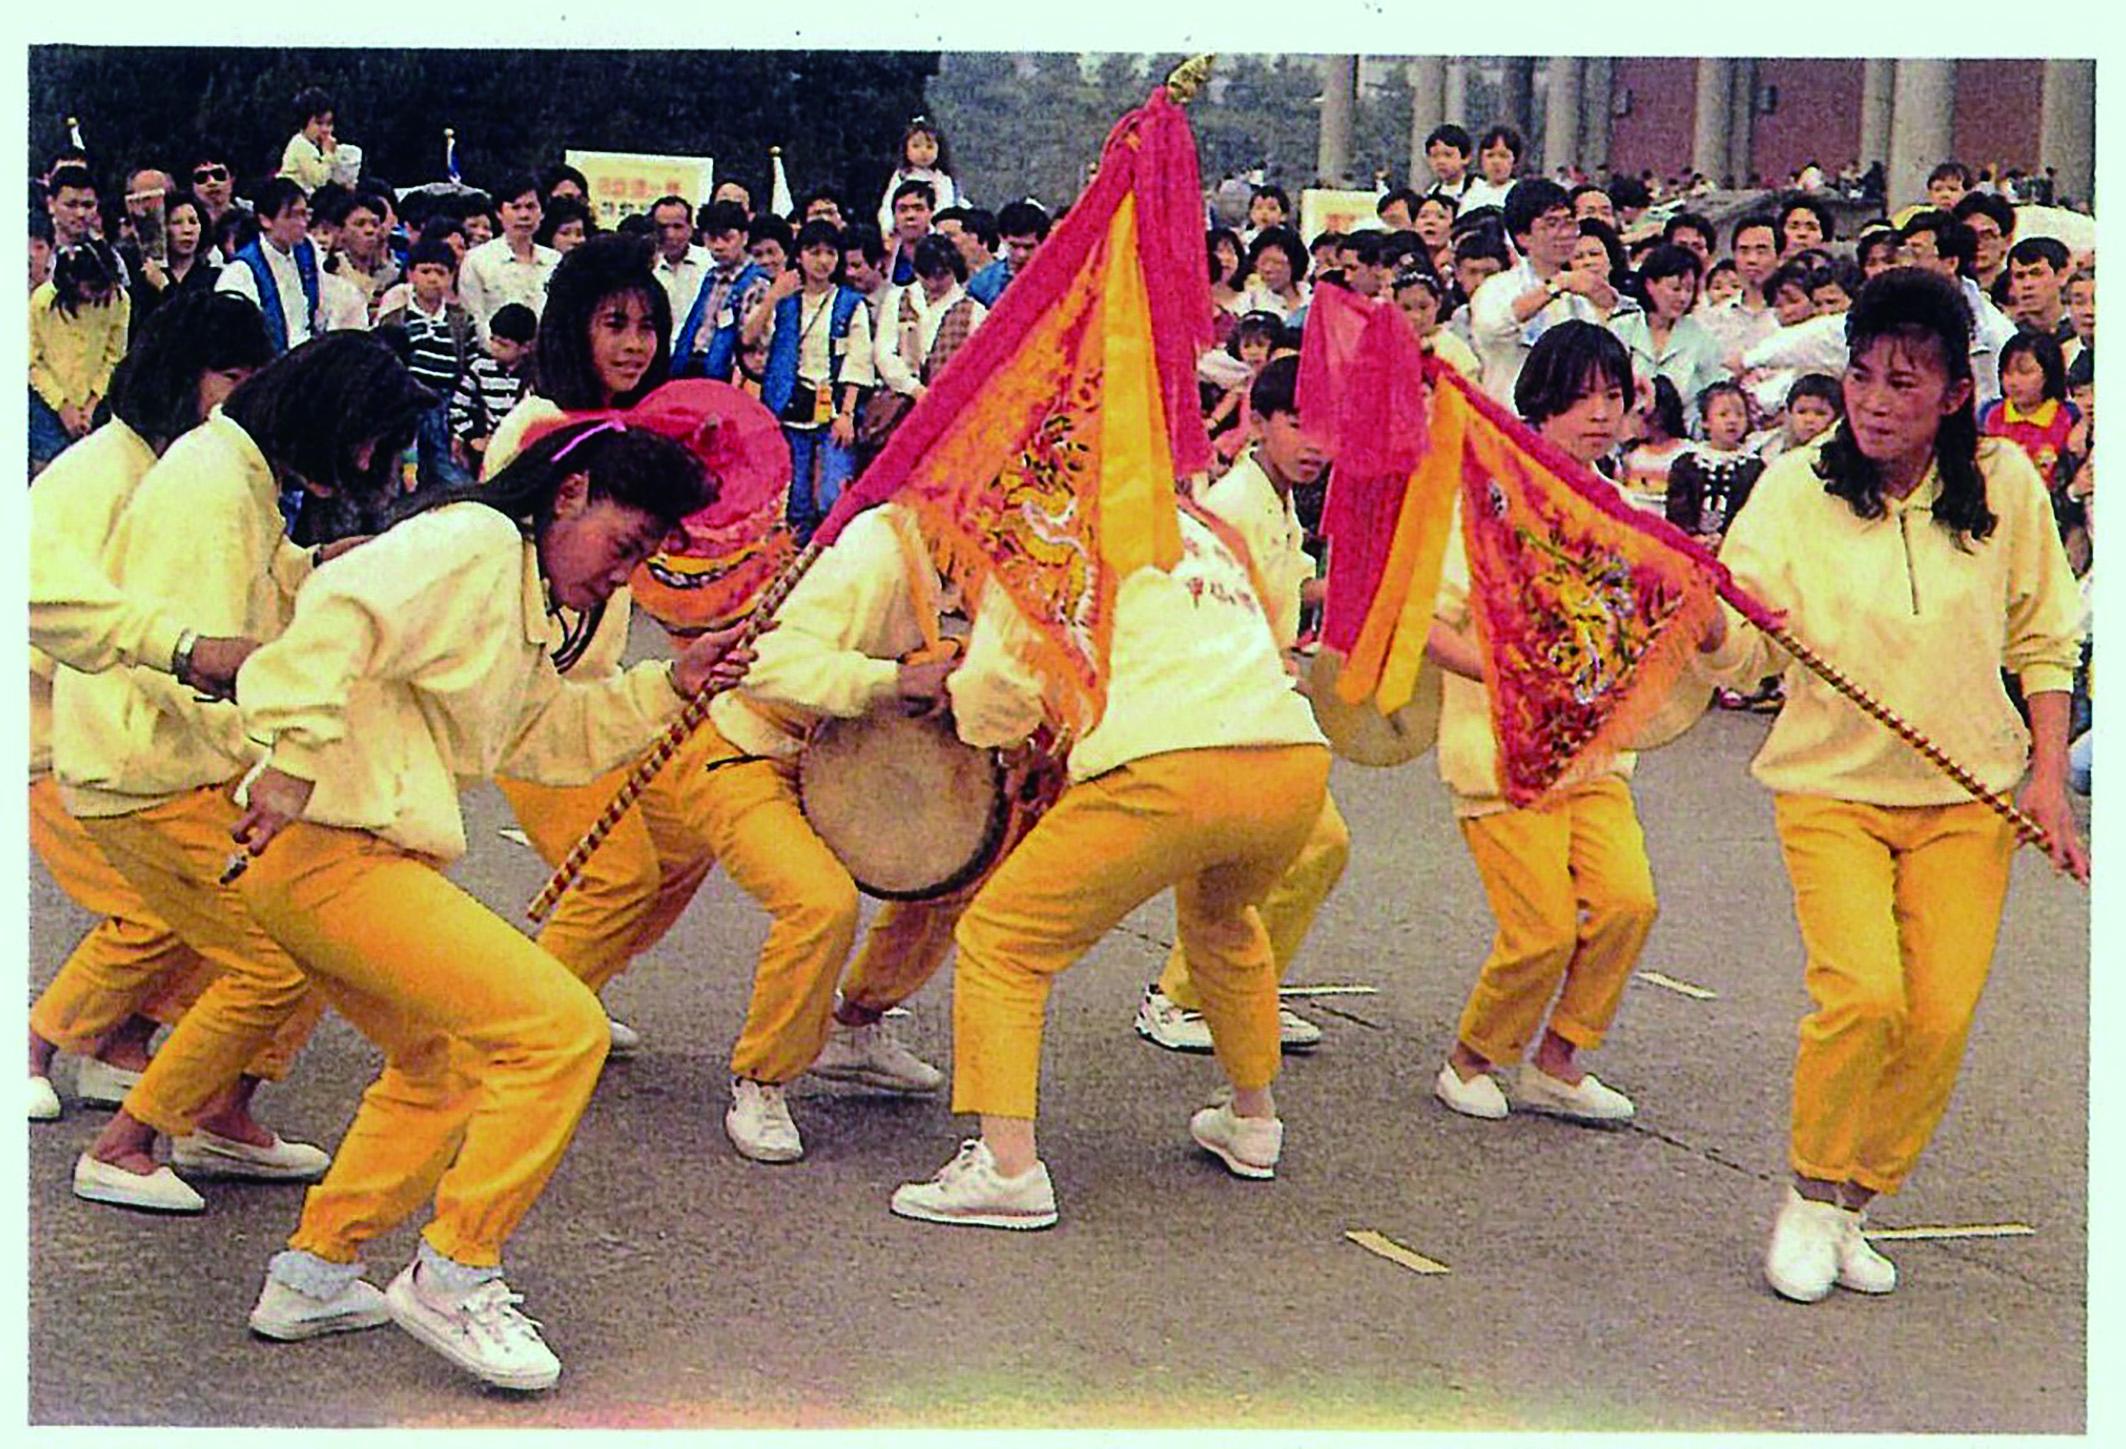 臺灣的藝陣雖然大都是非專業團隊,但它的表演形態卻是由民眾自創的藝術型式,因而藝陣種類繁多也象徵了民間藝術豐富的生命力。.jpg